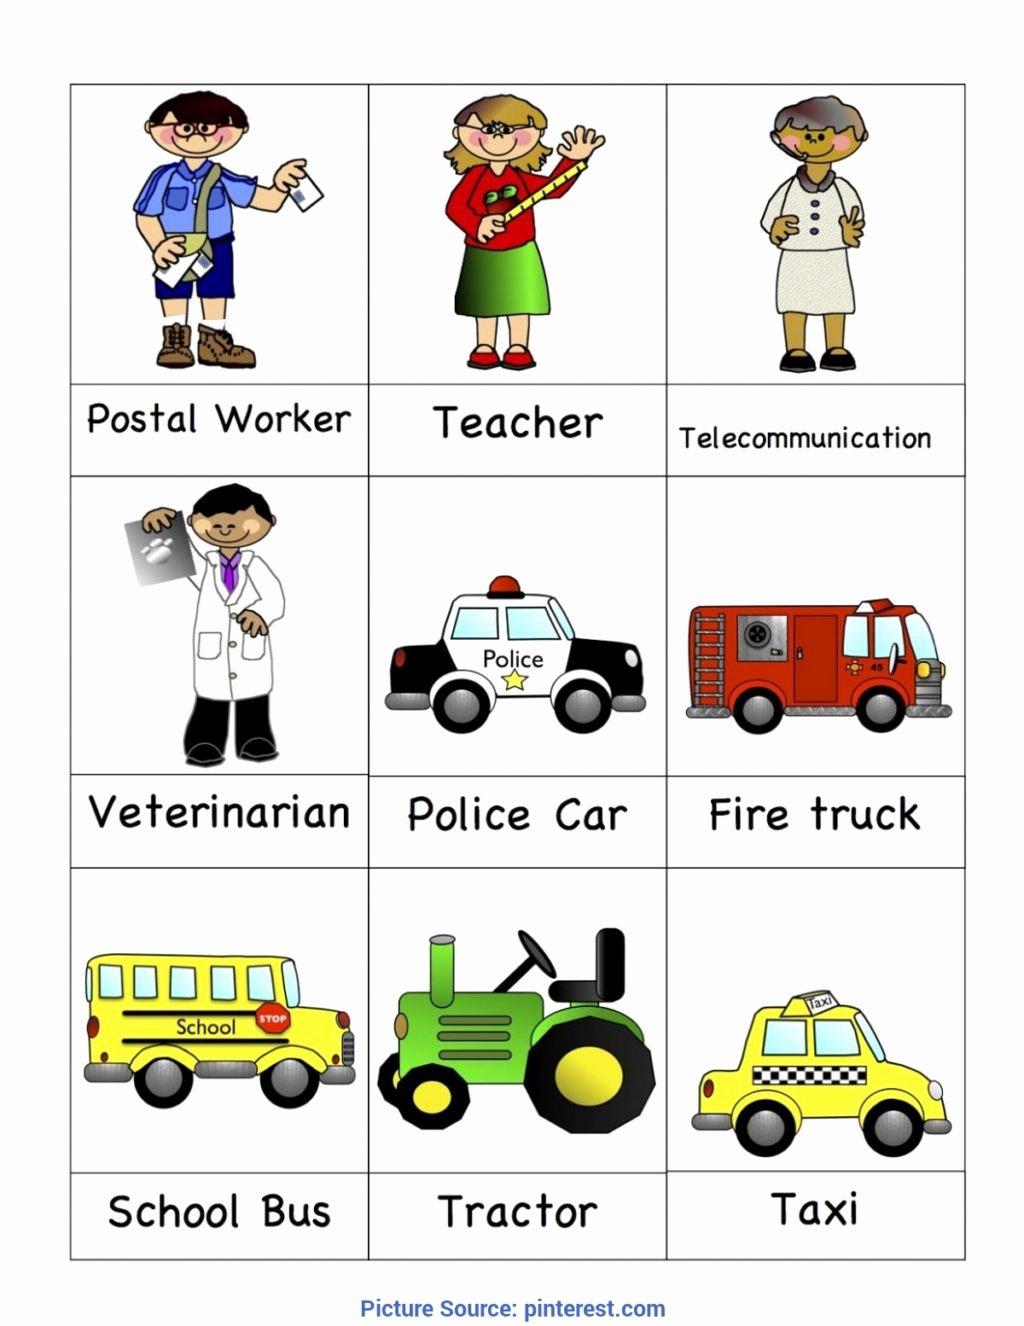 Community Helpers Worksheets for Preschoolers Beautiful Worksheet Worksheet for Kinder Incredible Briliant School